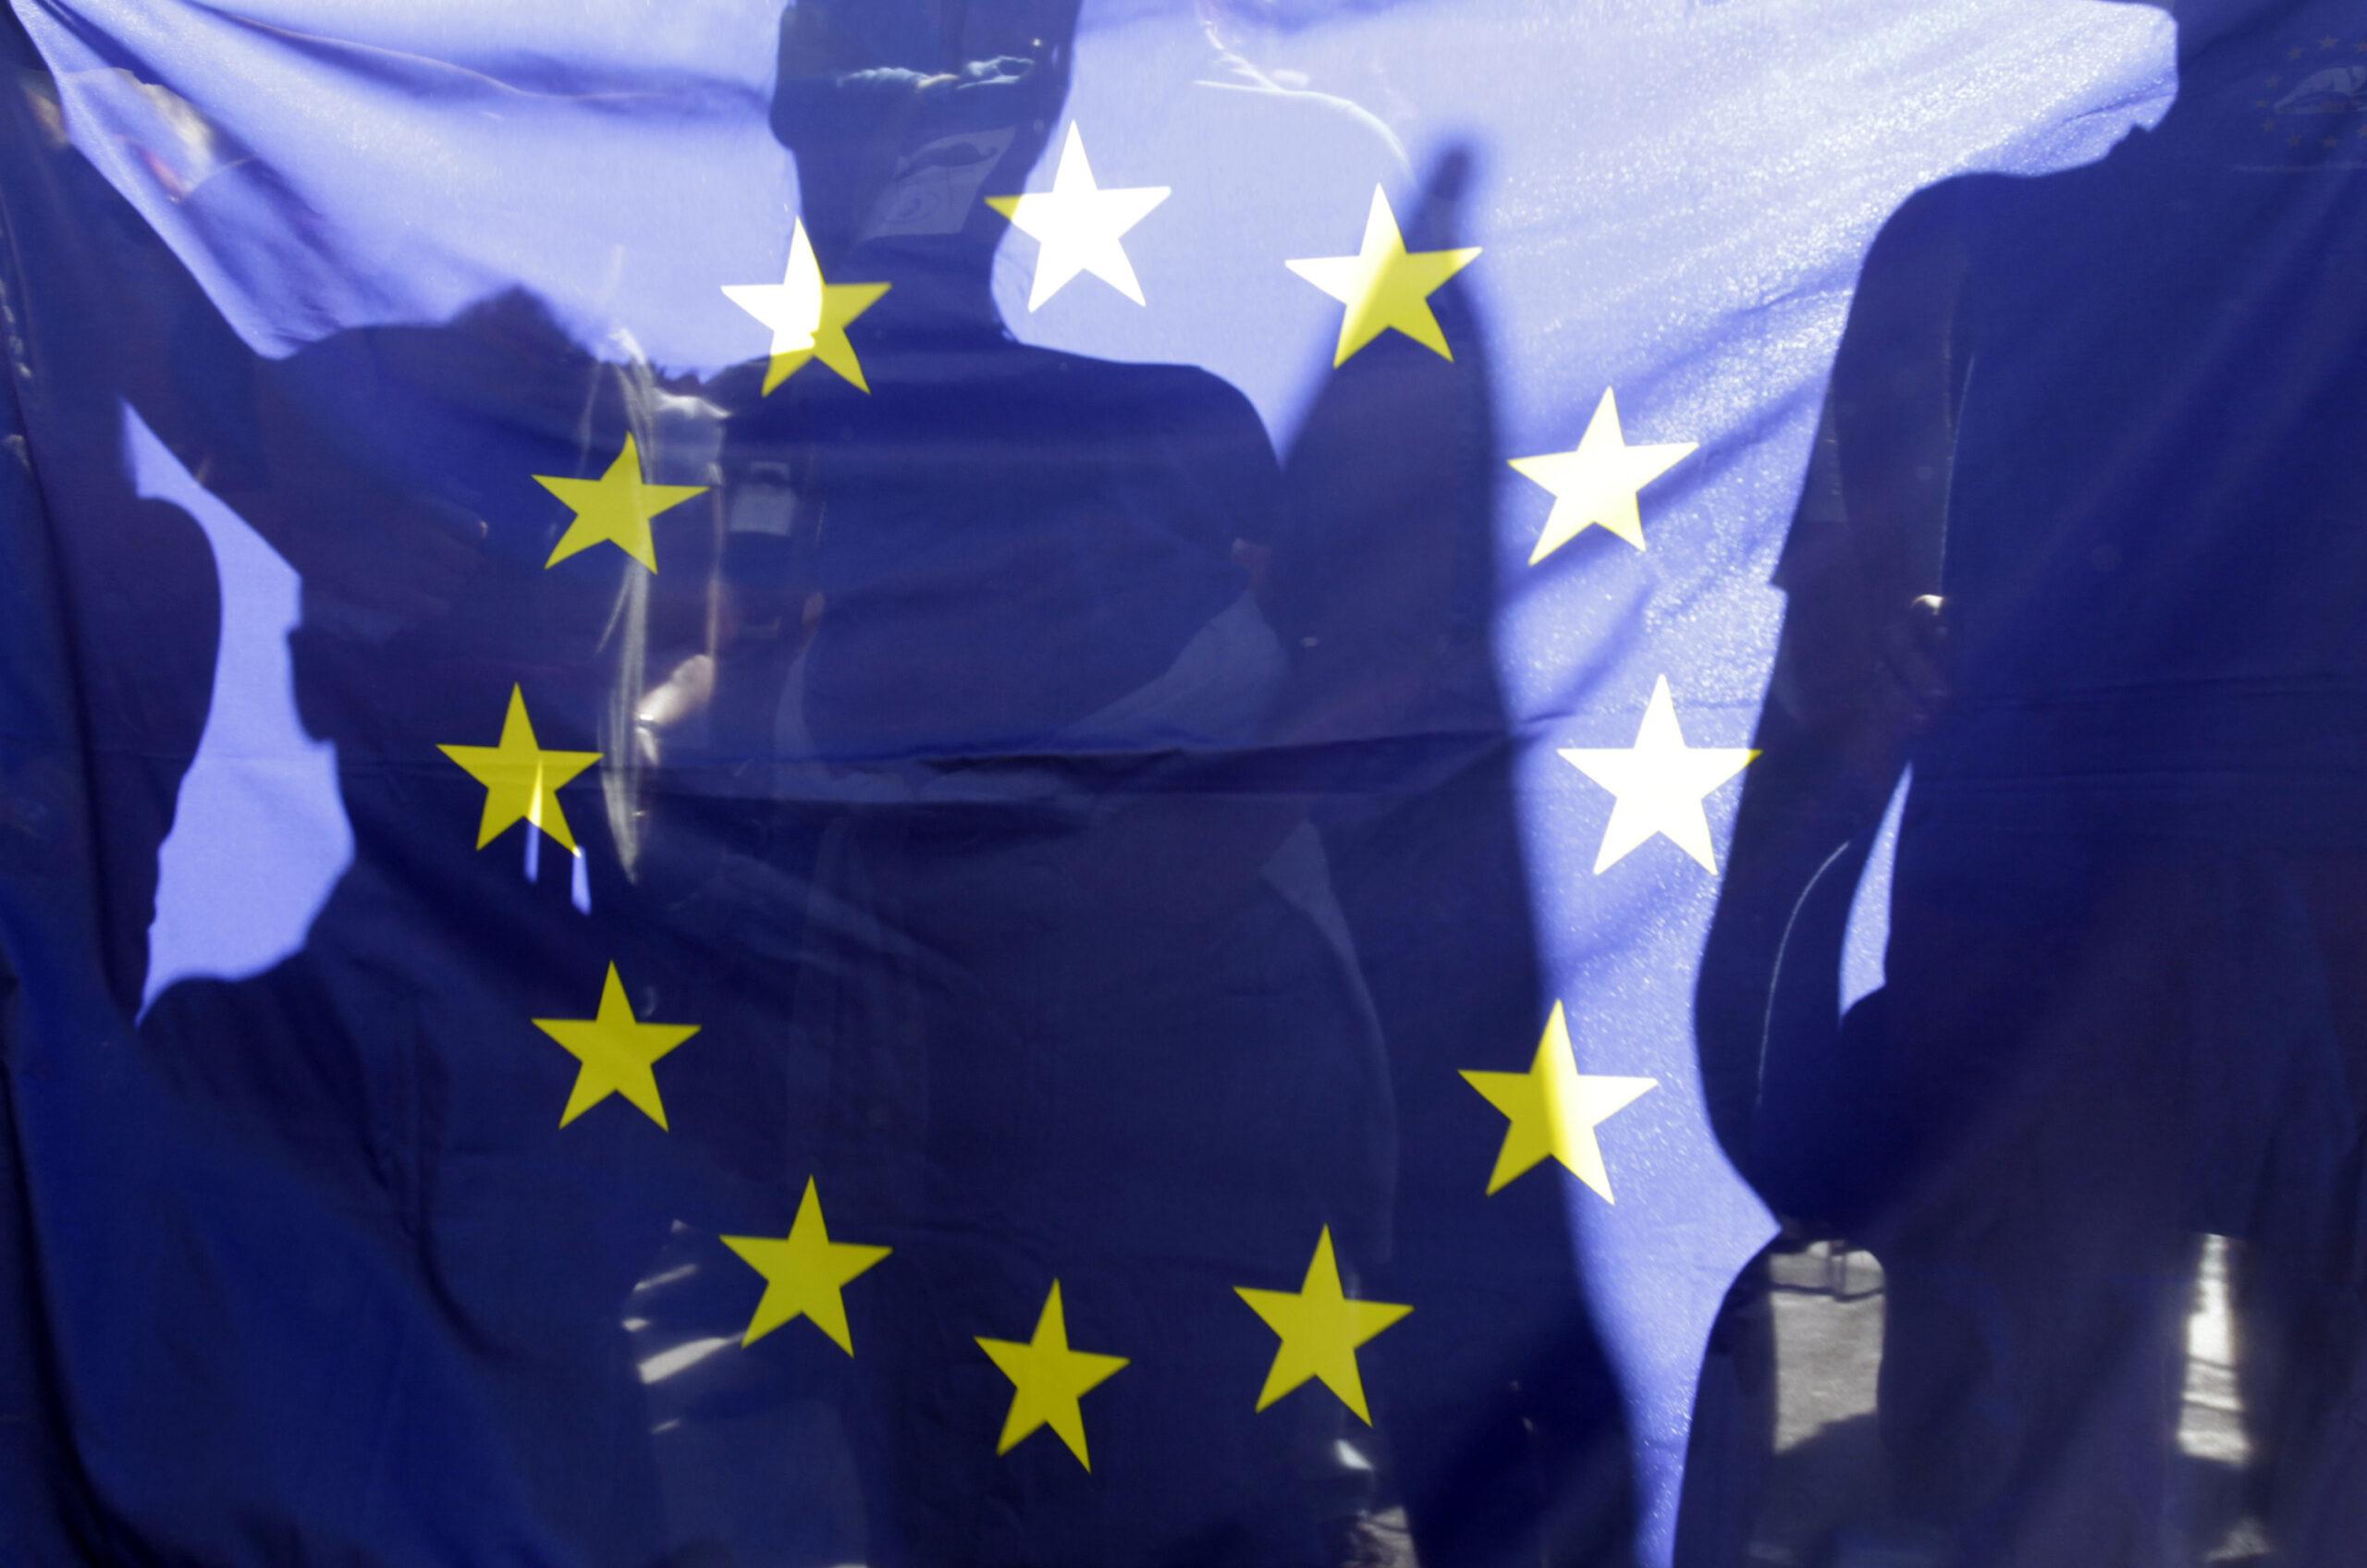 Украина призывает ЕС к экономическим санкциям против России